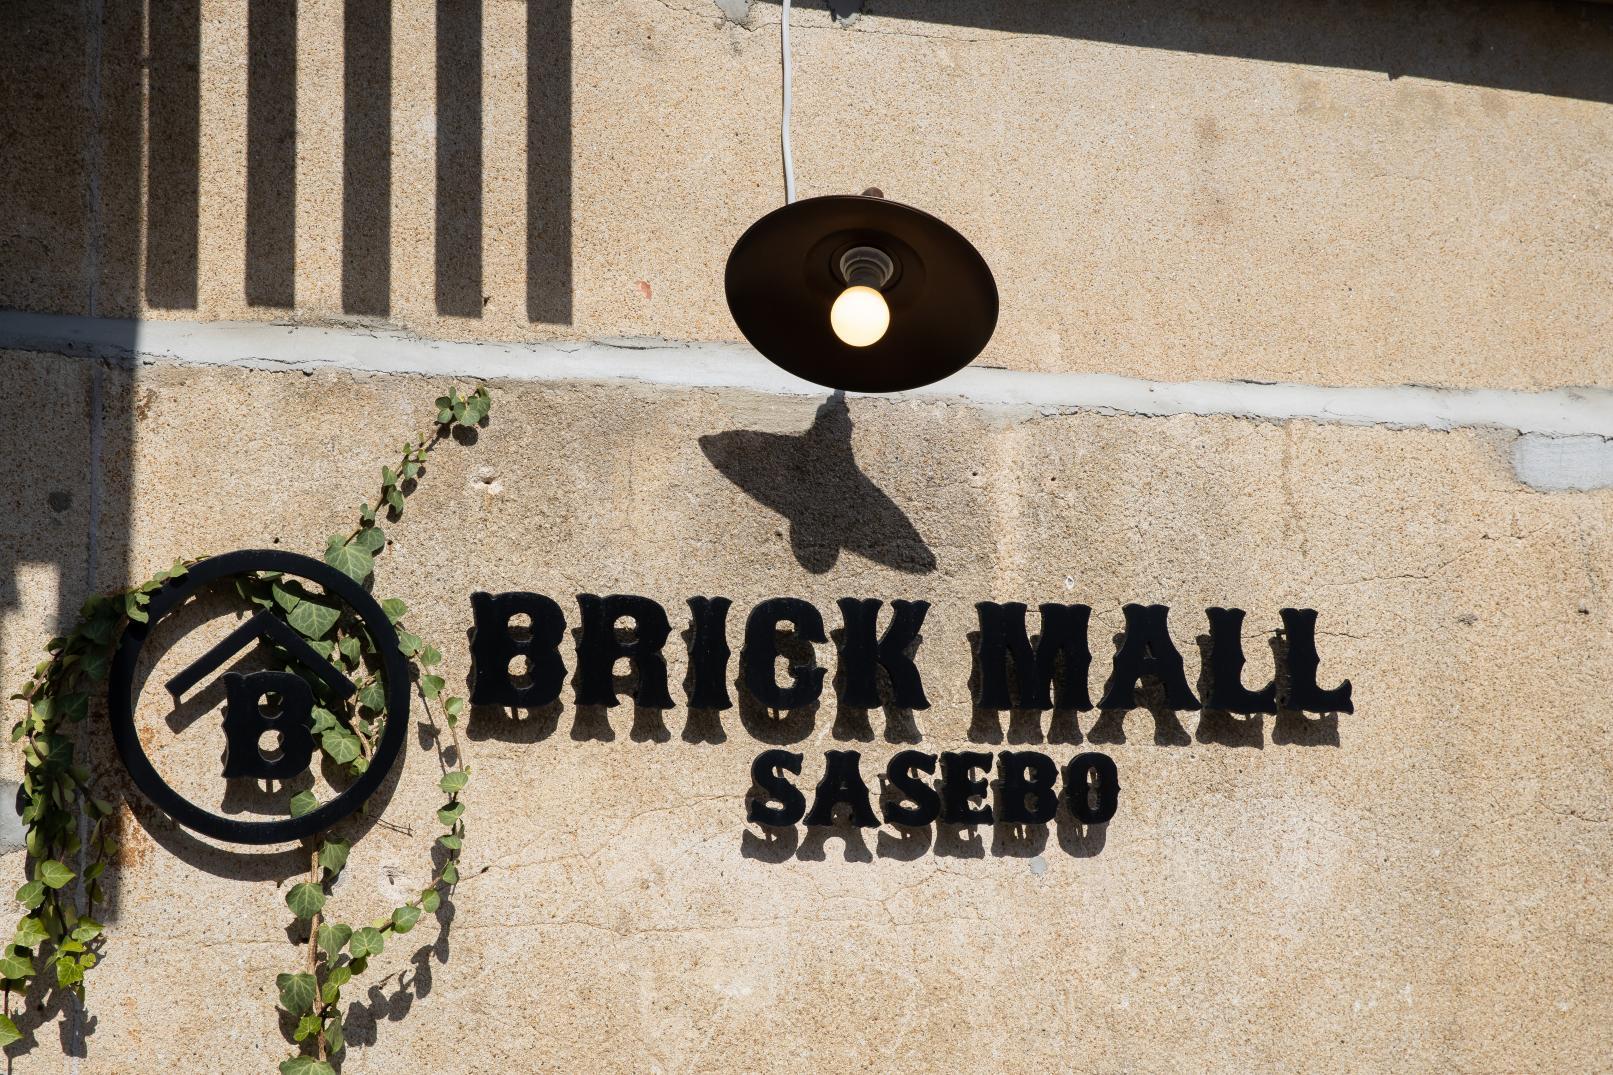 BRICK MALL SASEBO-1